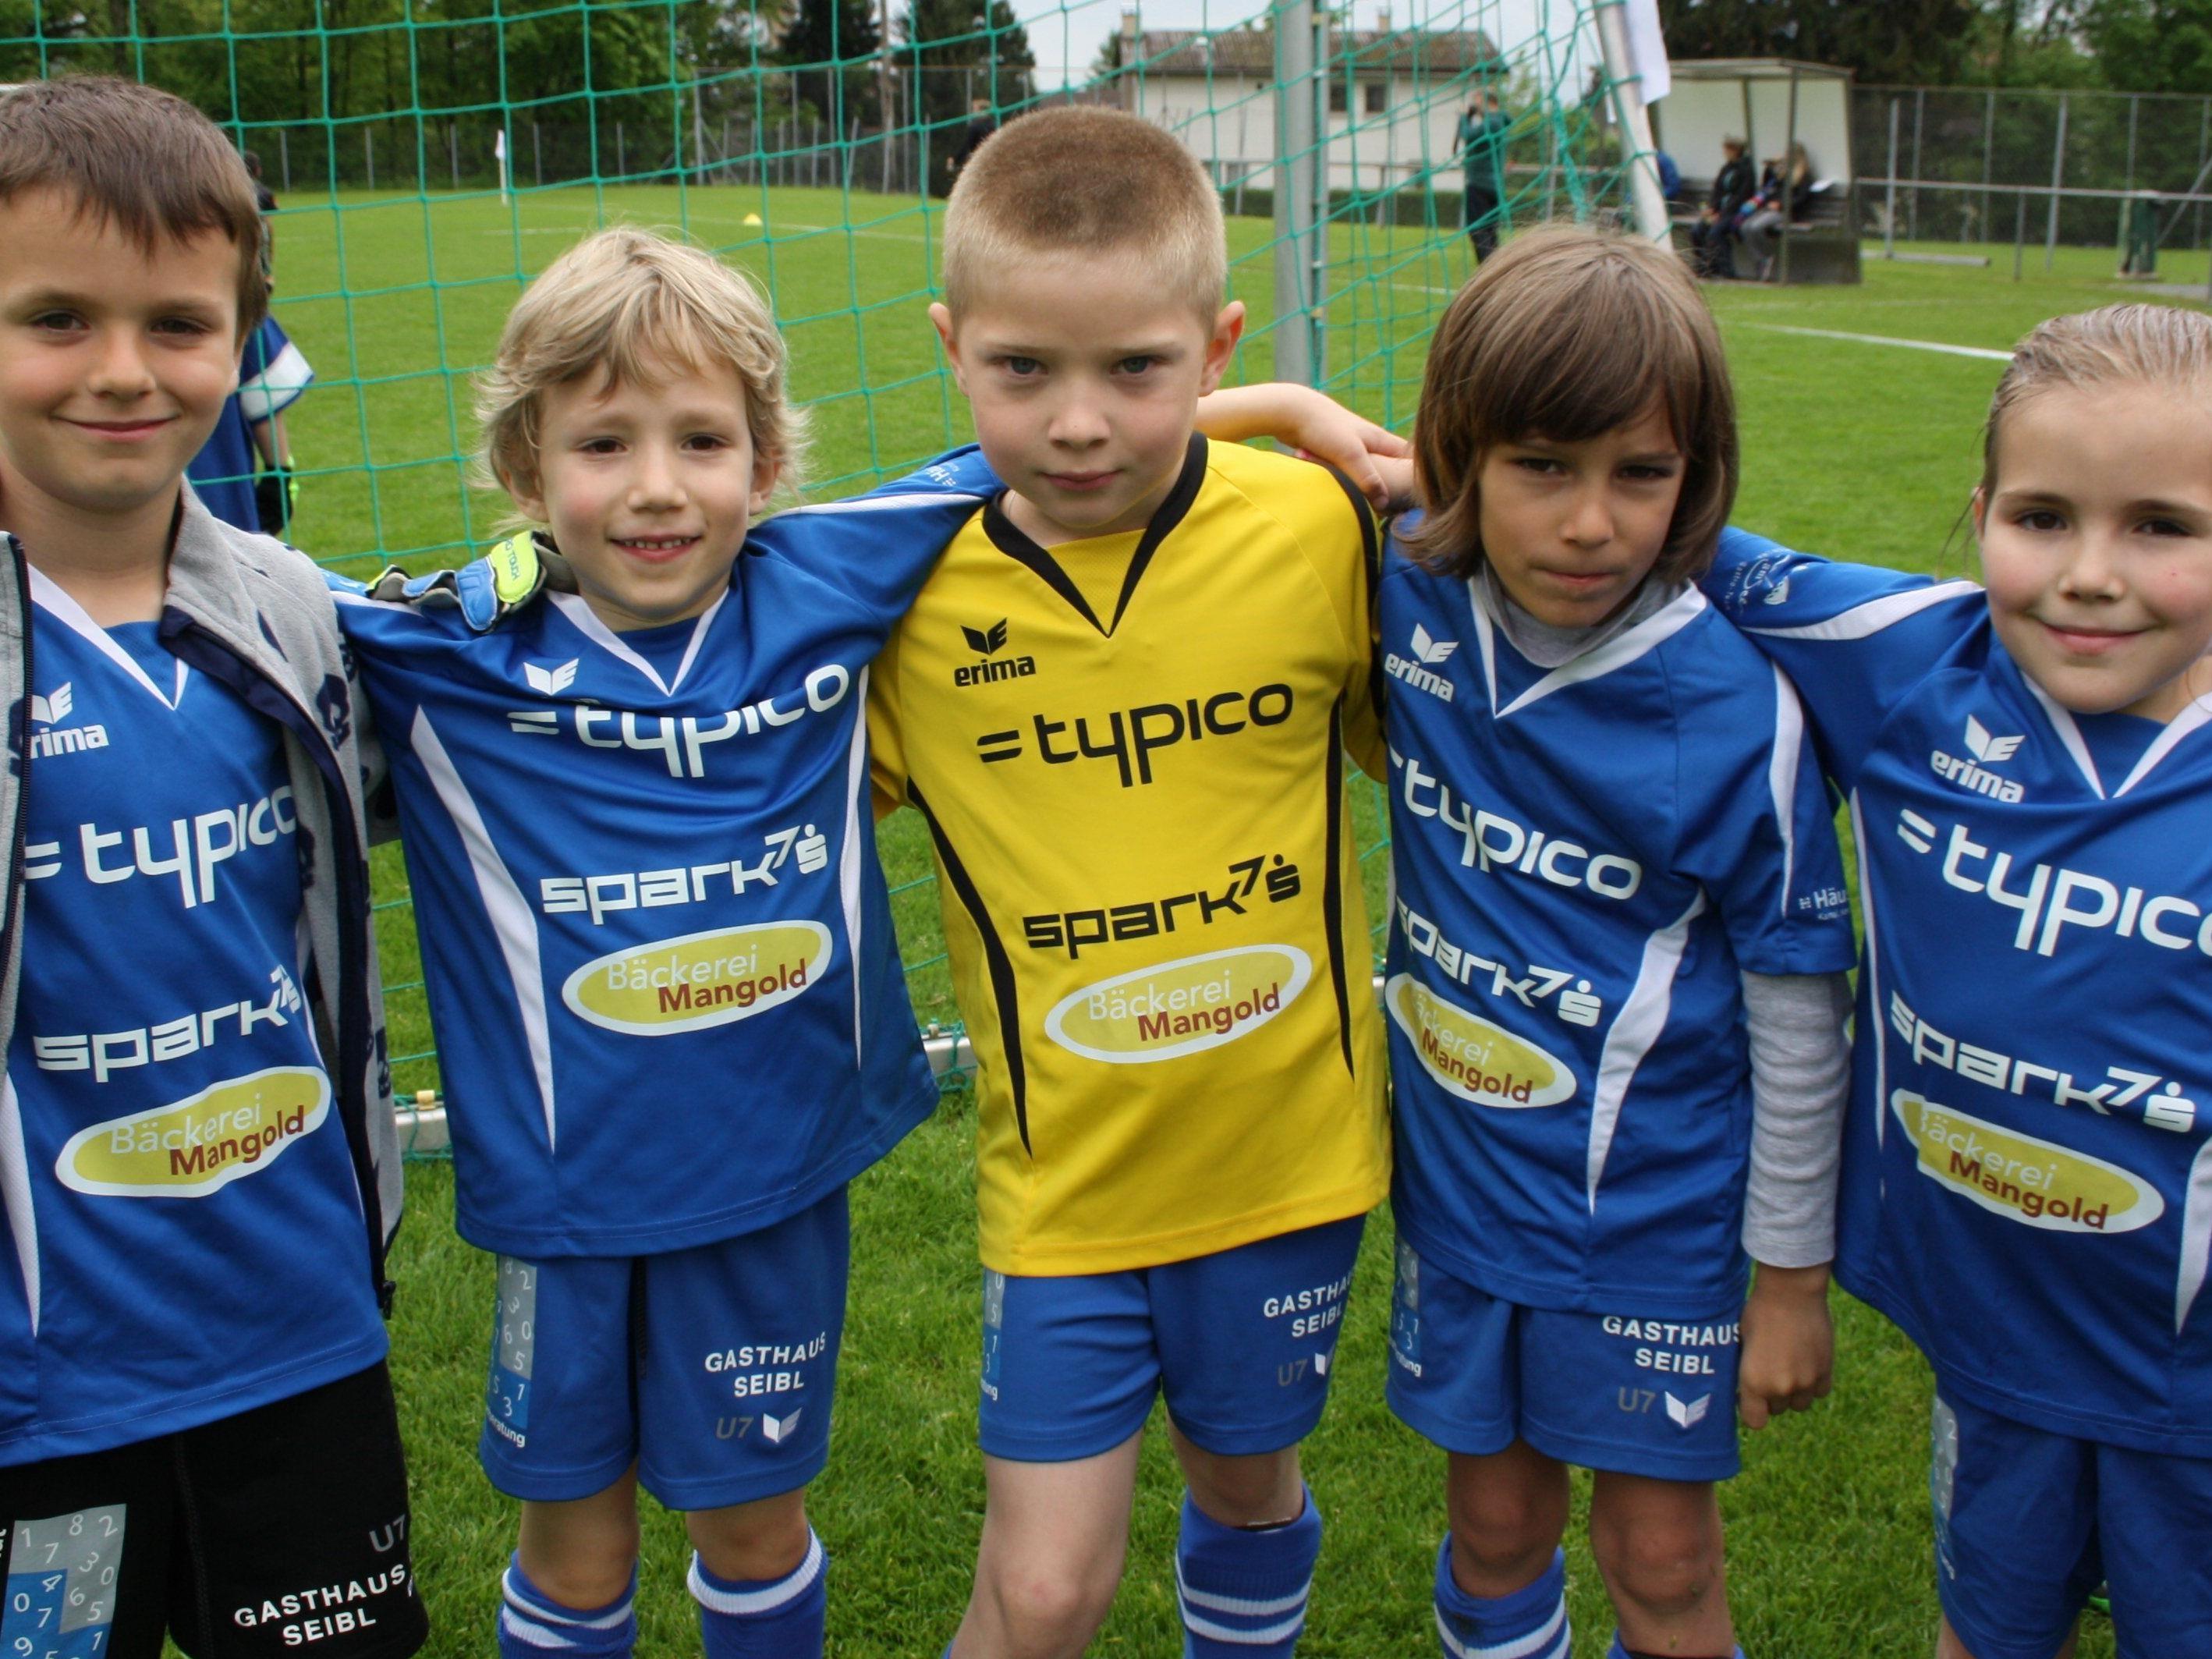 Buben und Mädchen von fünf bis 14 Jahren sind zum Fußball-Nachwuchs-Camp des SV Typico Lochau auf der Sportanlage Hoferfeld eingeladen.